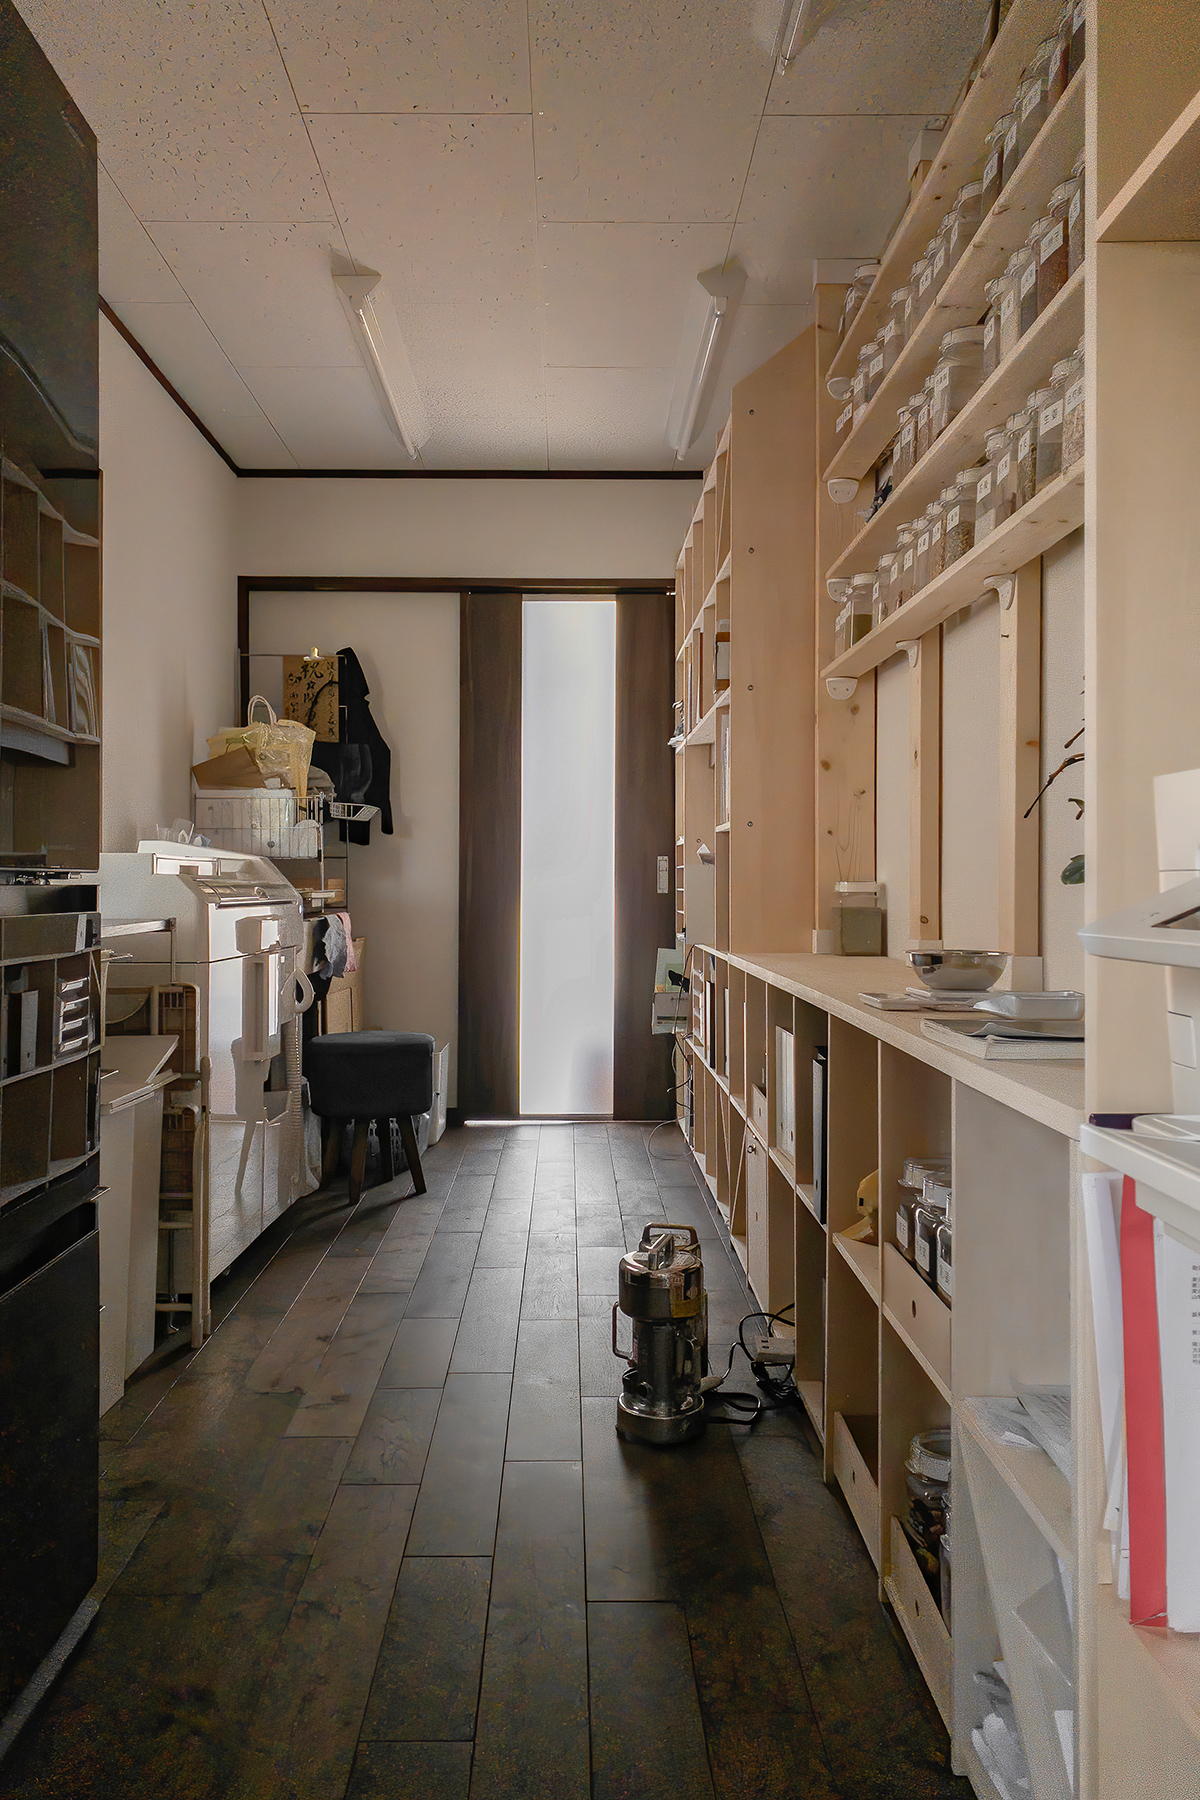 漢方薬局の調剤室に   開口部のある本棚 / Shelf (No.17)    マルゲリータ使用例 シンプル おしゃれ 部屋 インテリア レイアウト